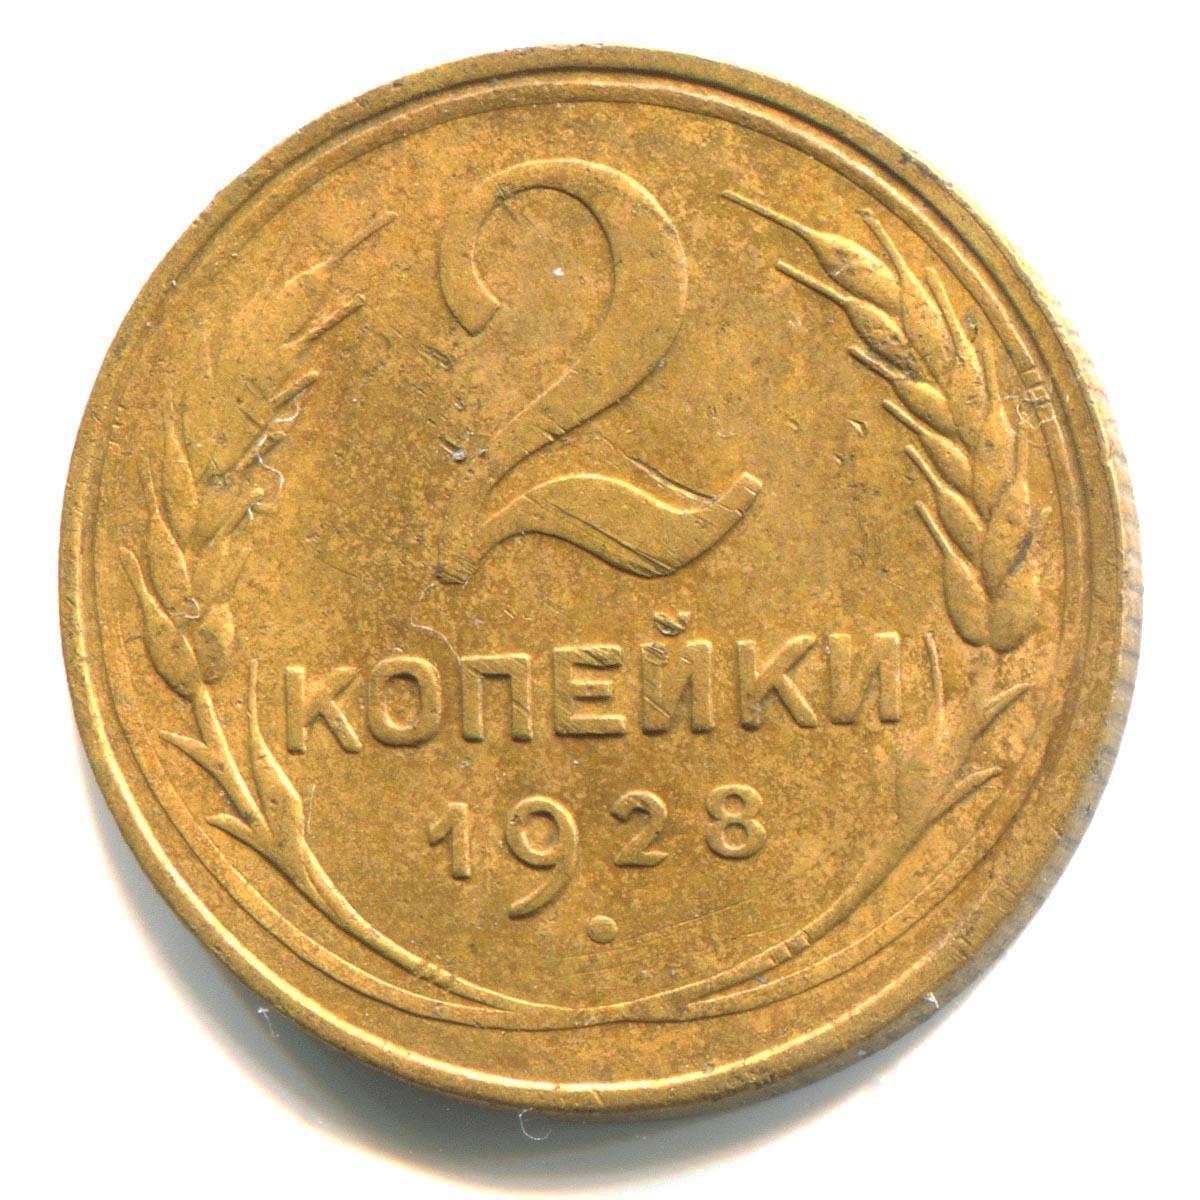 2 коп 1928 года цена сколько стоит один бумажный рубль 1961 года